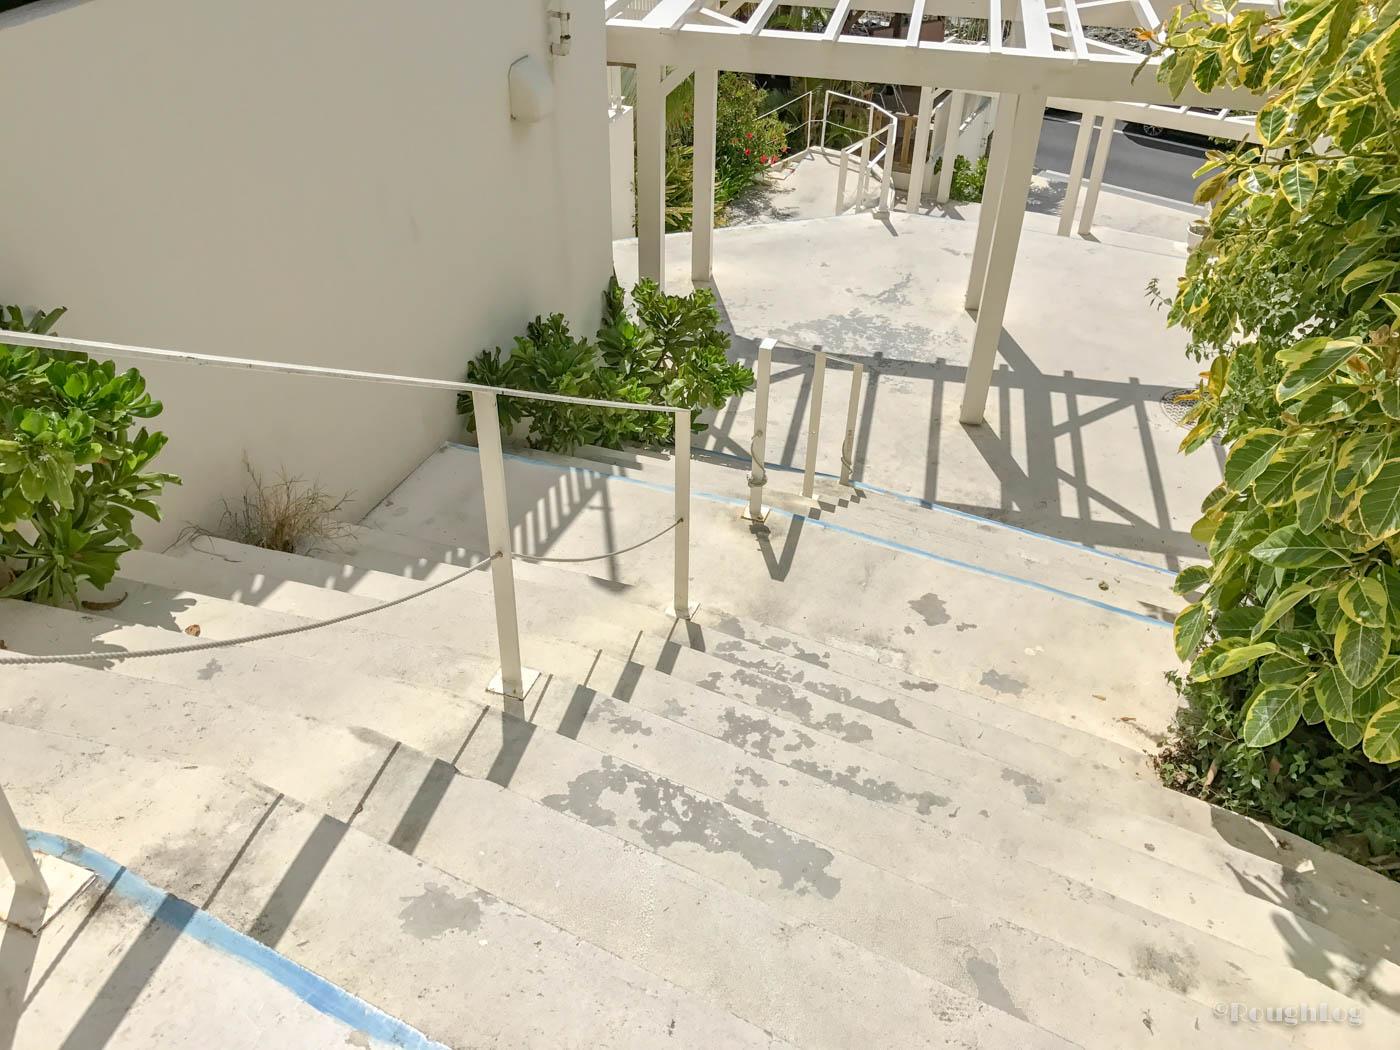 瀬長島ウミカジテラスは傾斜地にあるので階段も多い